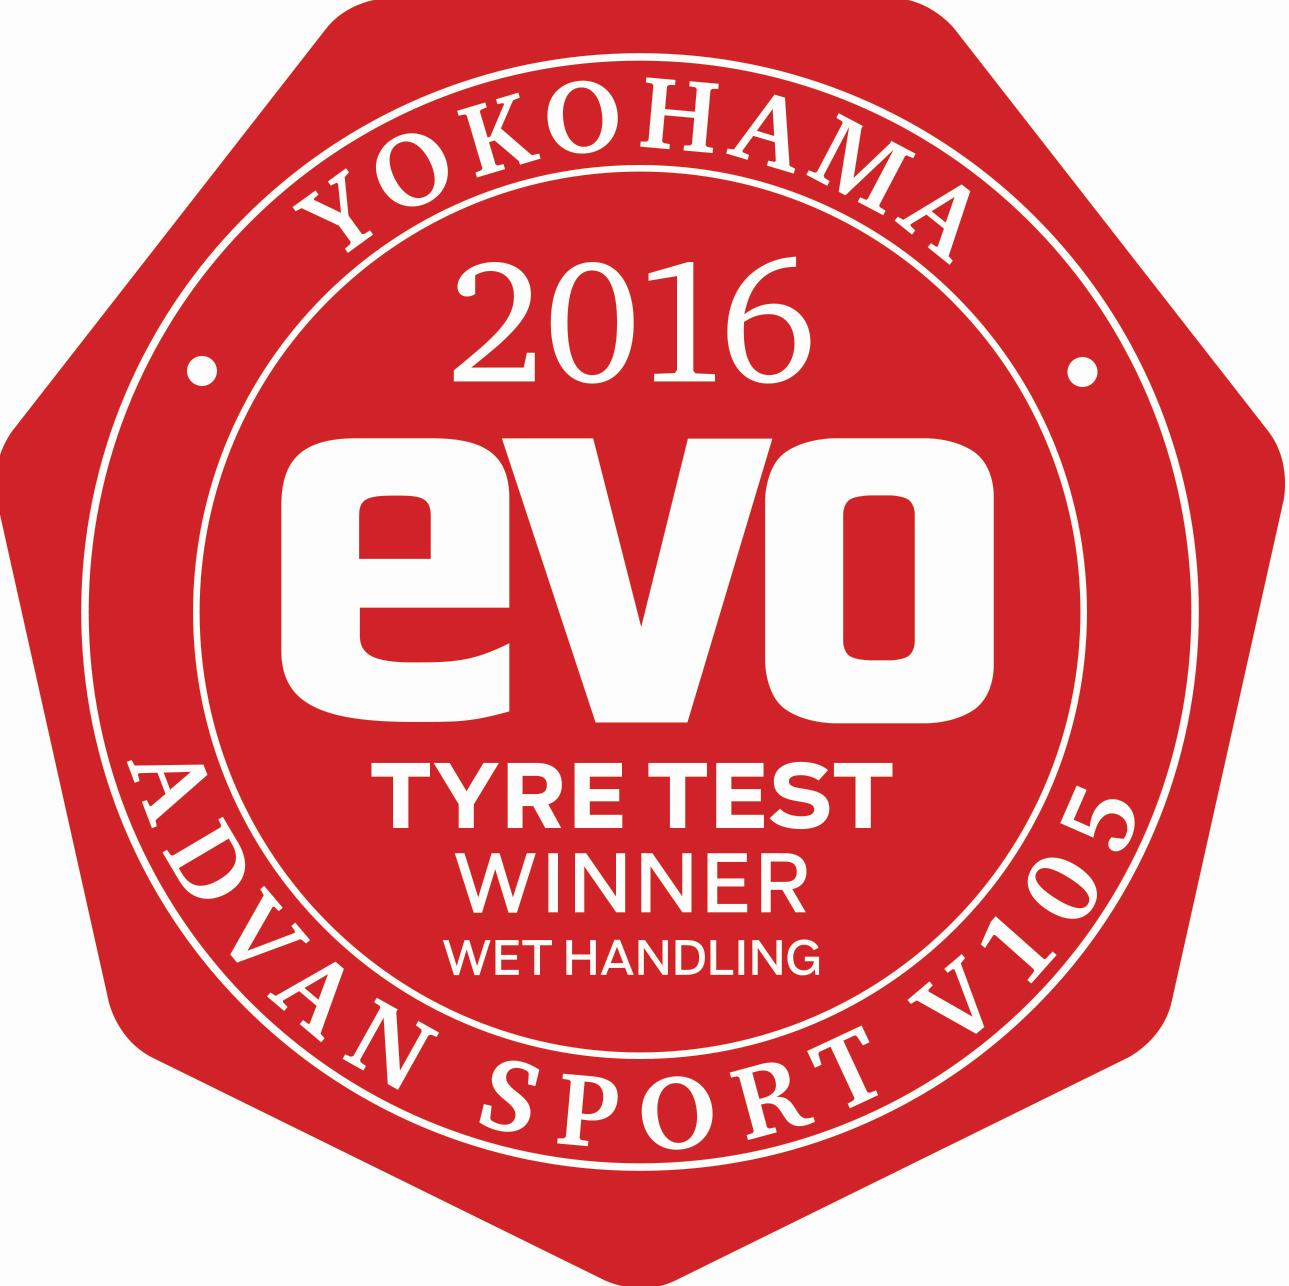 Evo_tyretest_logo_2016_wet_handling_winner_YOKOHAMA